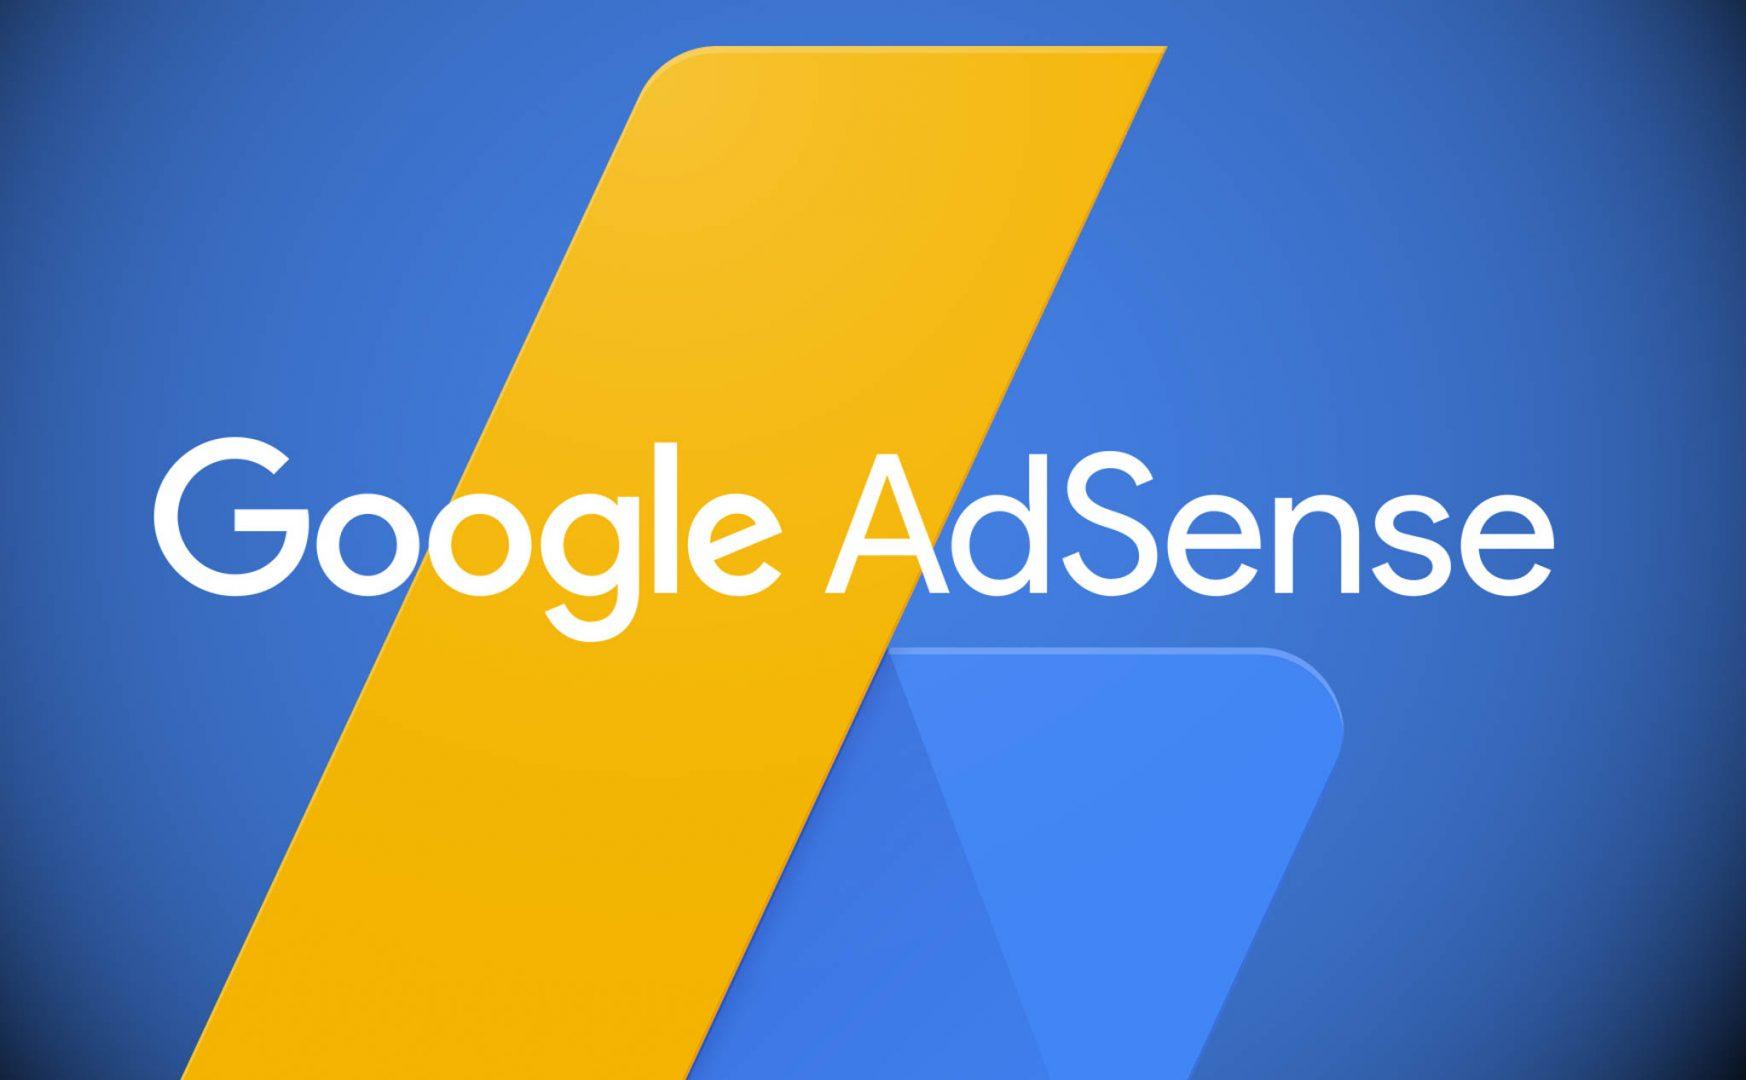 Google Adsense - Kiếm tiền online từ Google Adsense như thế nào?